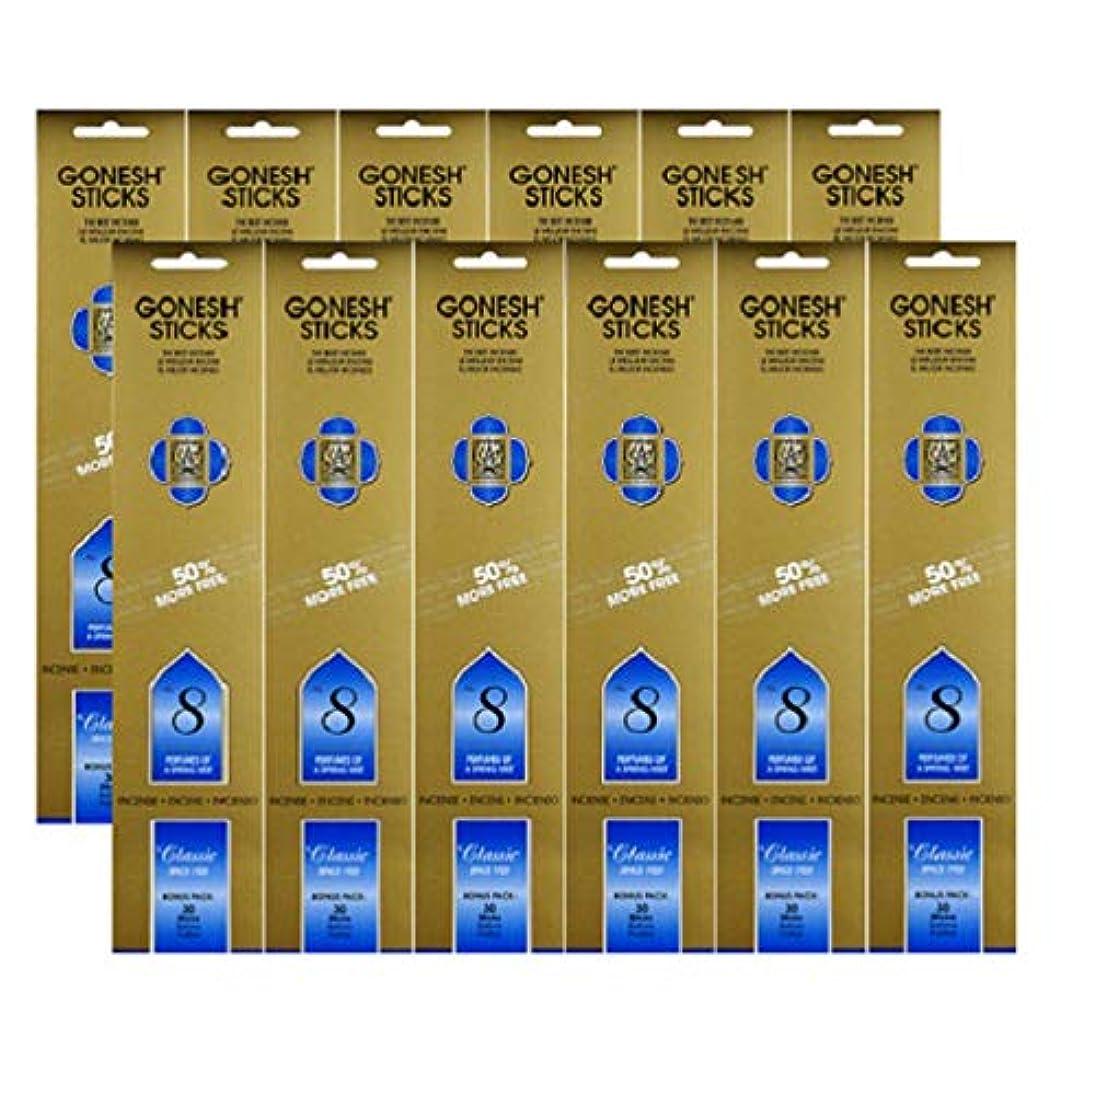 添加剤感動する天才Gonesh #8 Bonus Pack 30 sticks ガーネッシュ#8 ボーナスパック30本入 12個組 360本